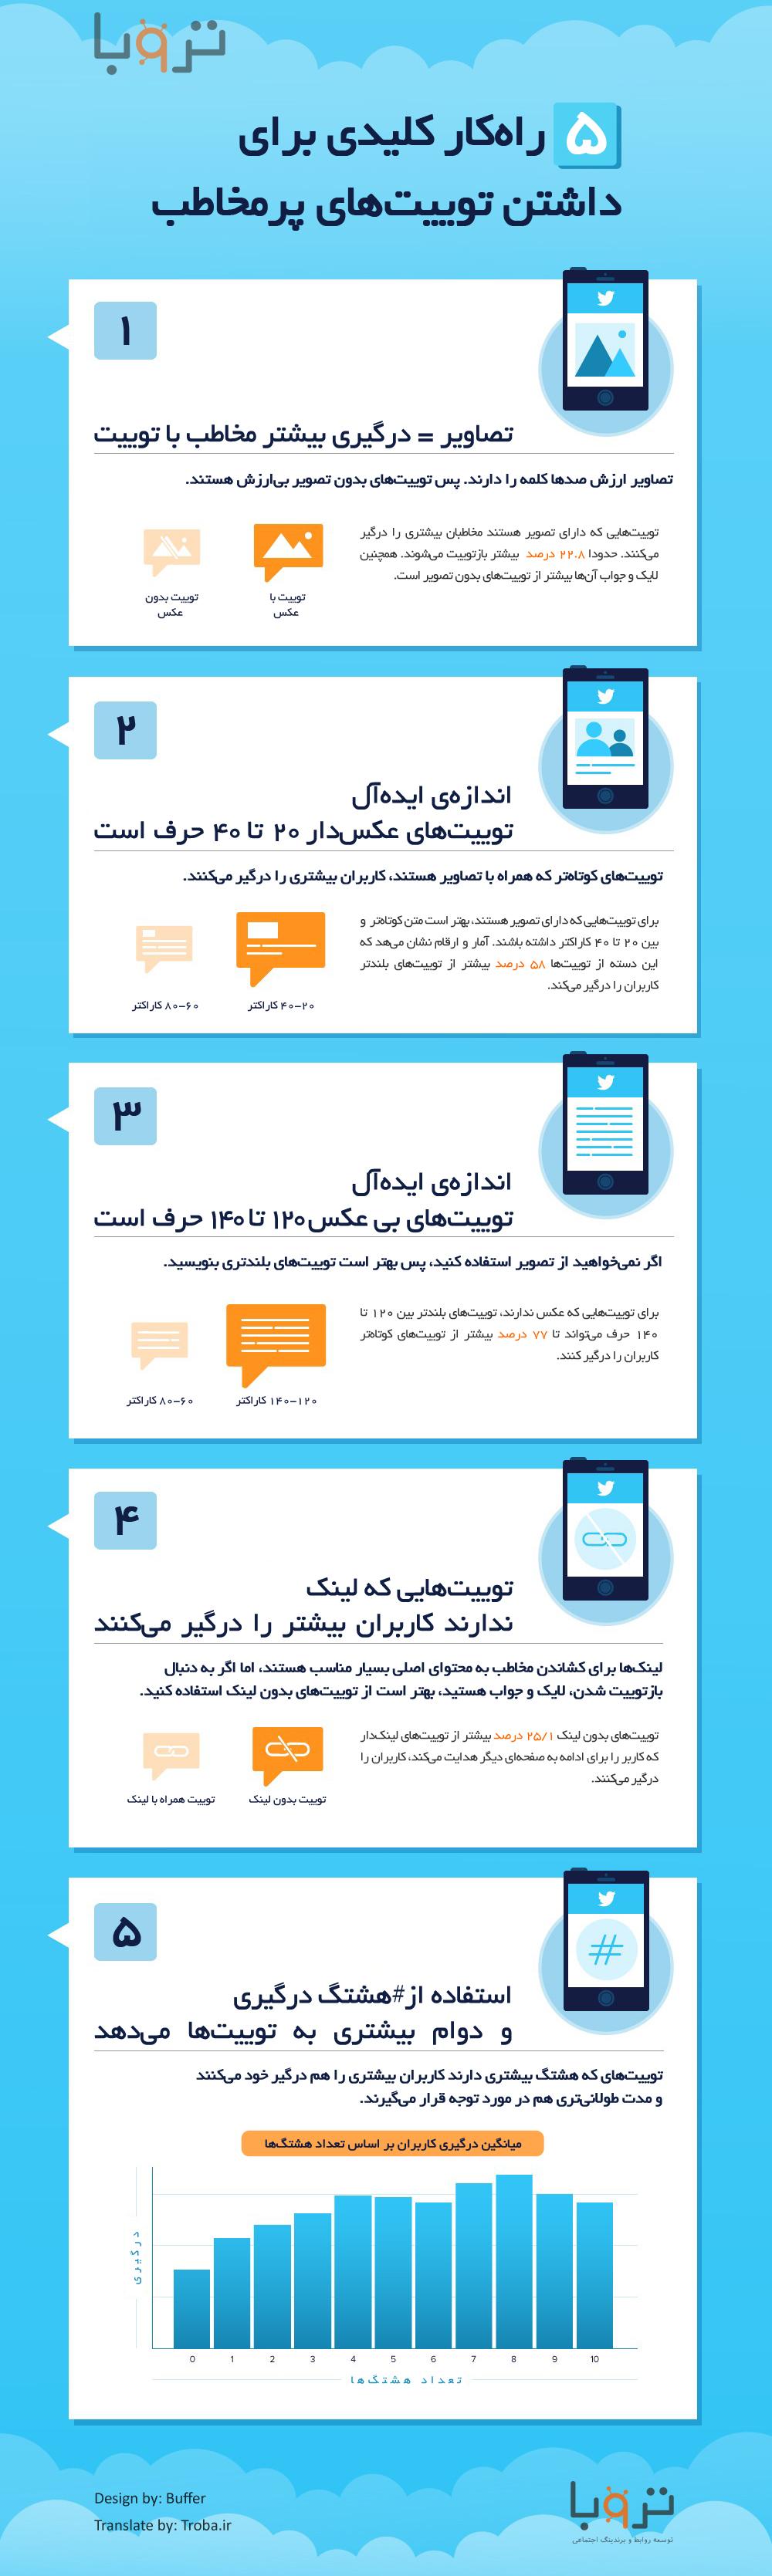 اینفوگرافی تروبا ۵ راهکار کلیدی برای داشتن توییت های پر مخاطب